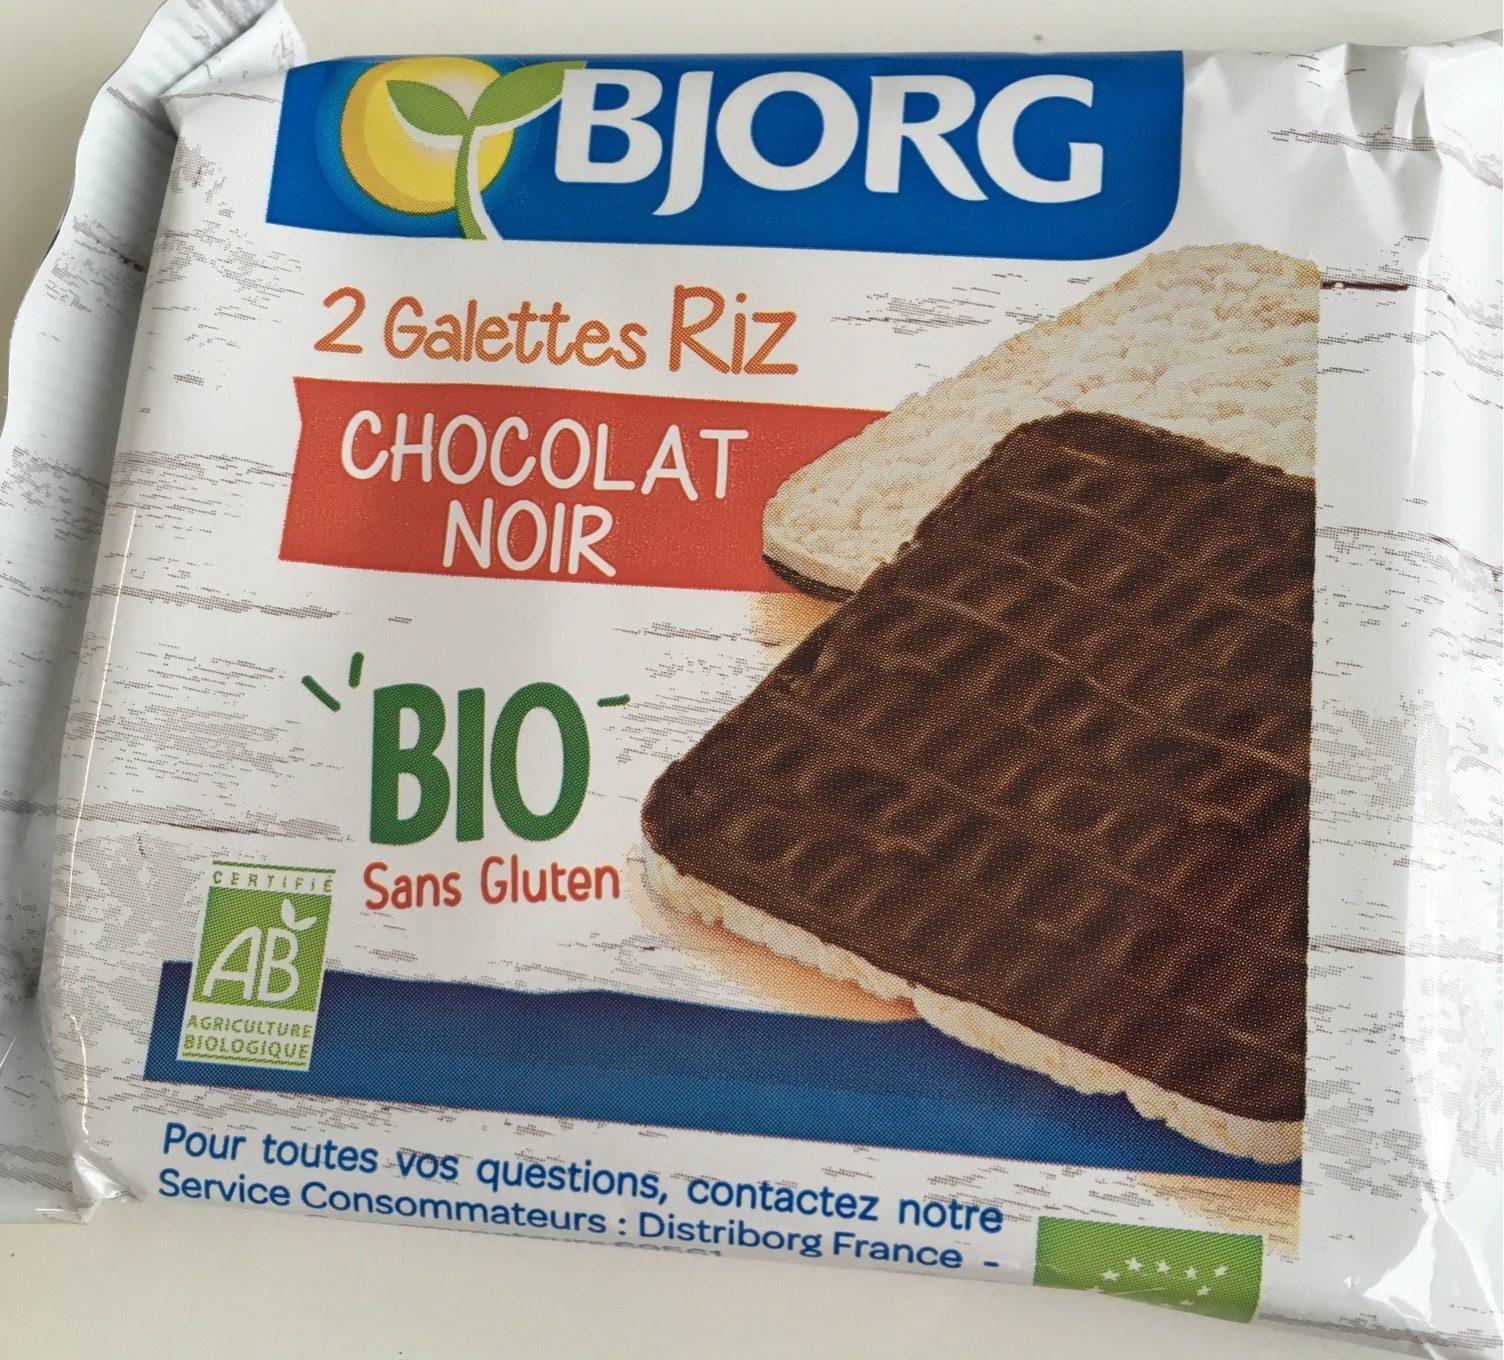 2 Galettes De Riz Au Chocolat Noir Bio - Prodotto - fr